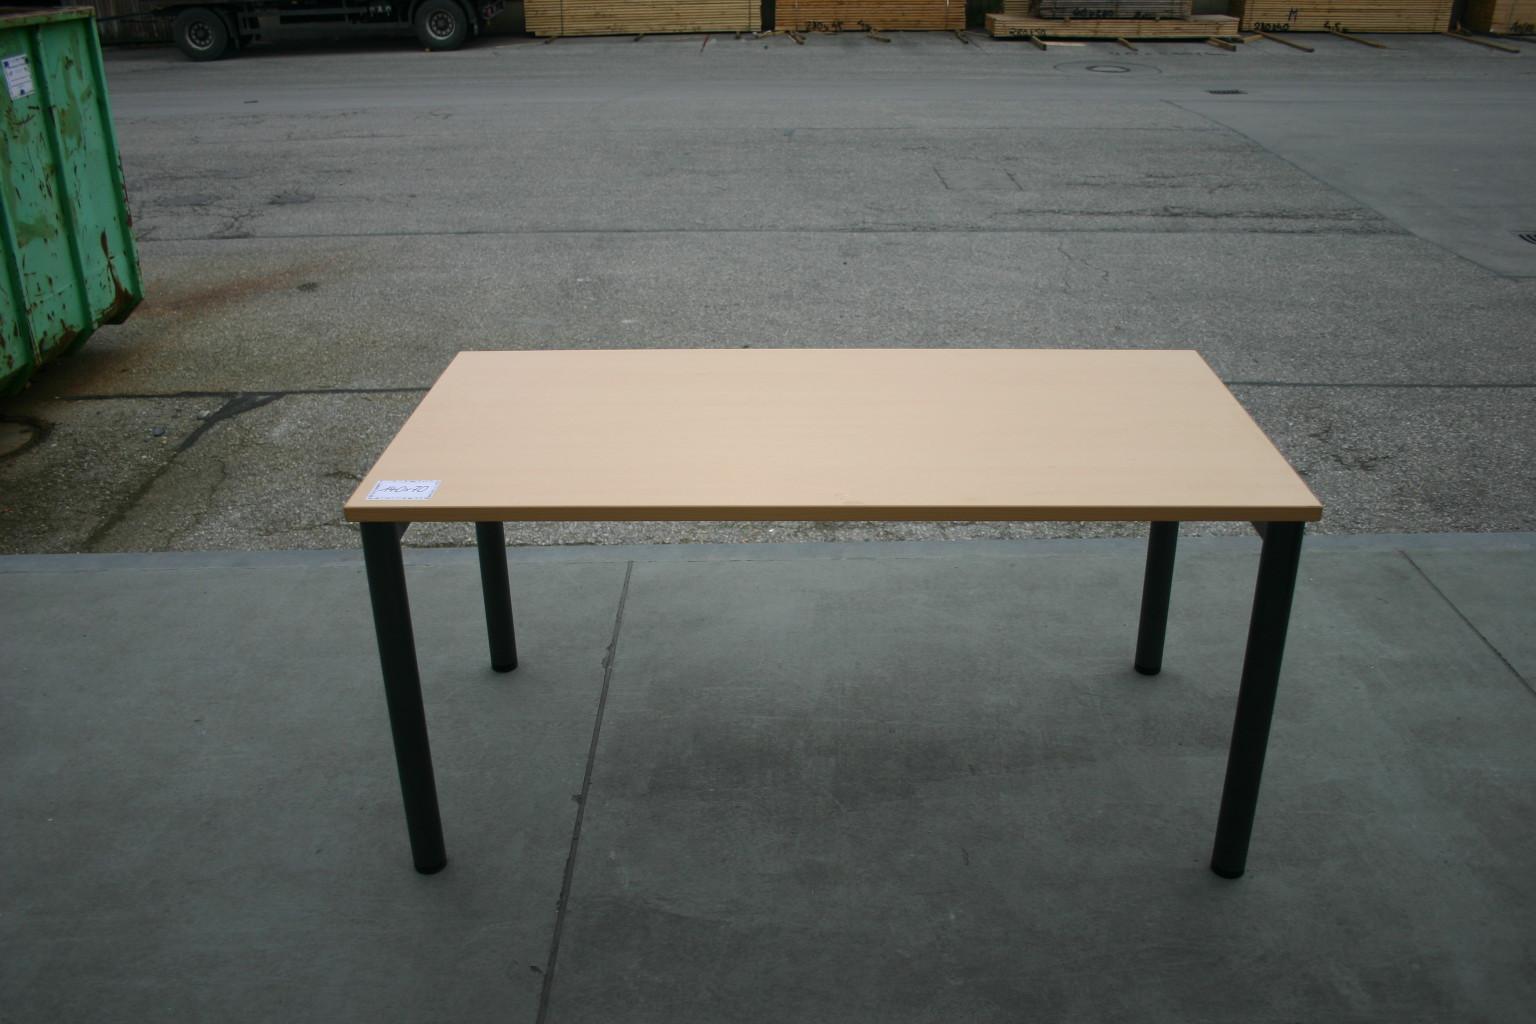 Schreibtisch 140 x 70 in ahorn dunkel von steelcase for Schreibtisch dunkel